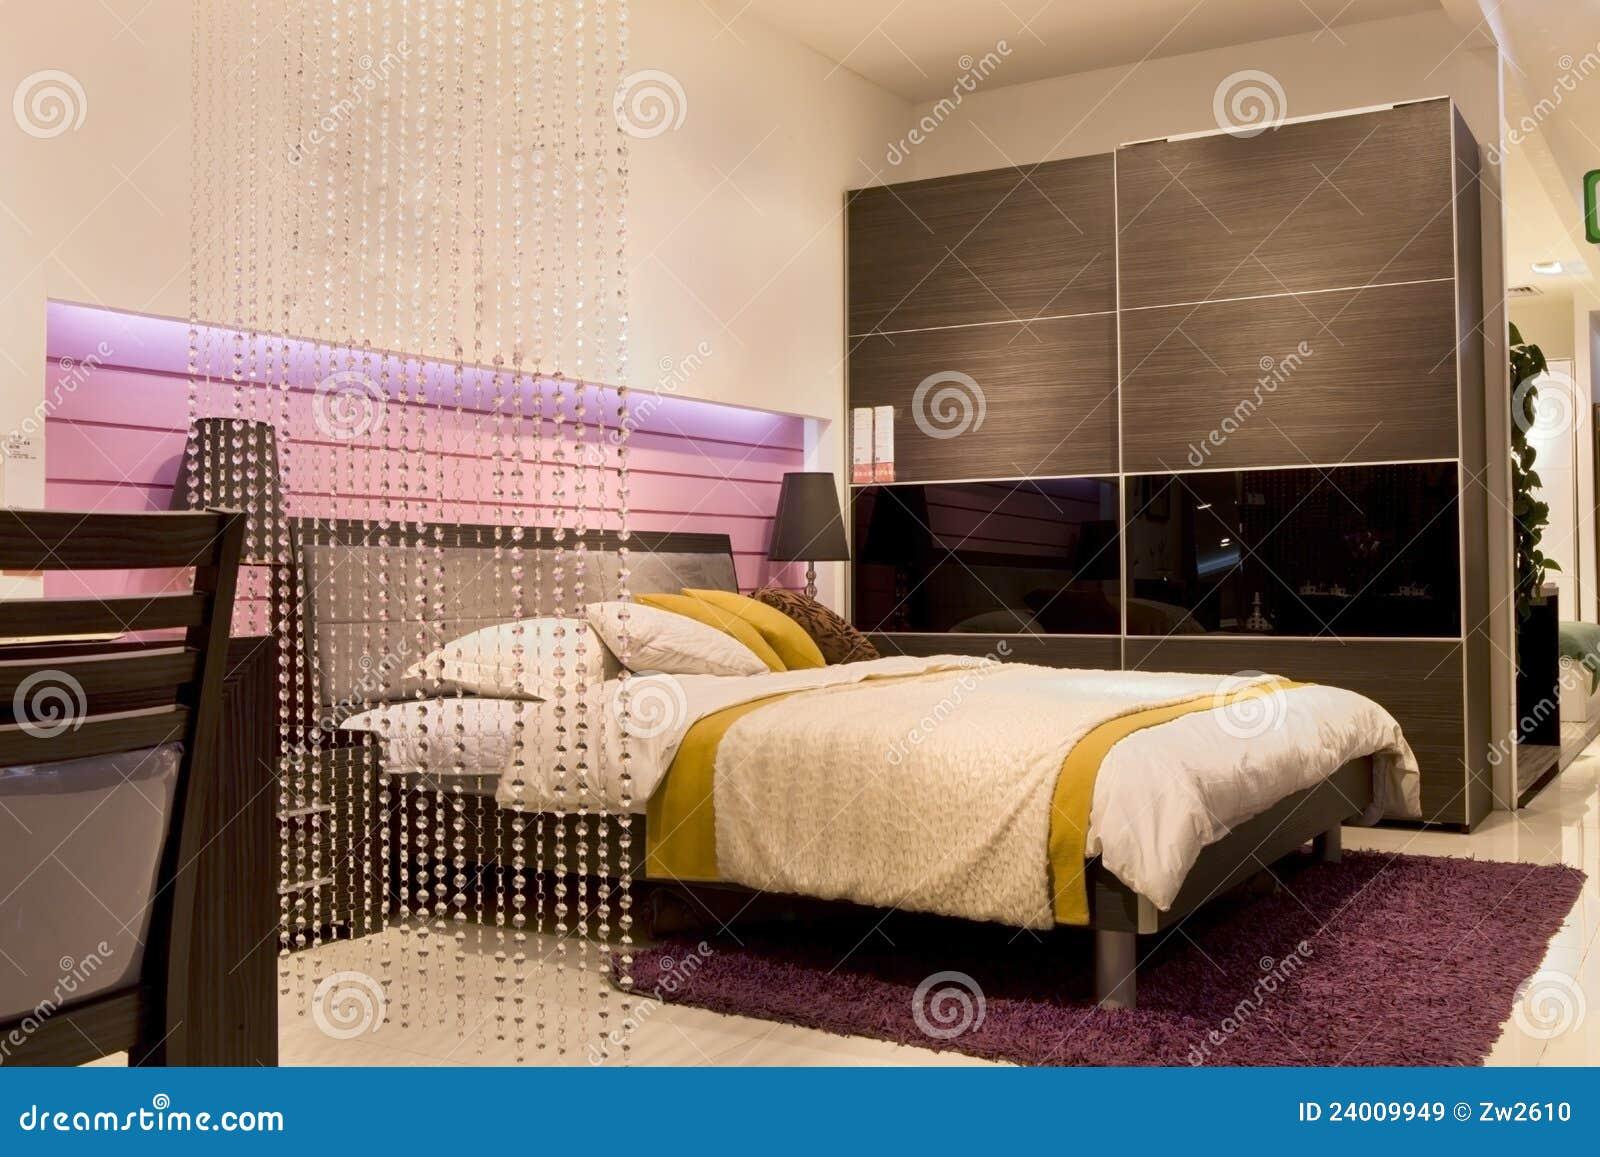 Indoor Design indoor design royalty free stock images - image: 24009949